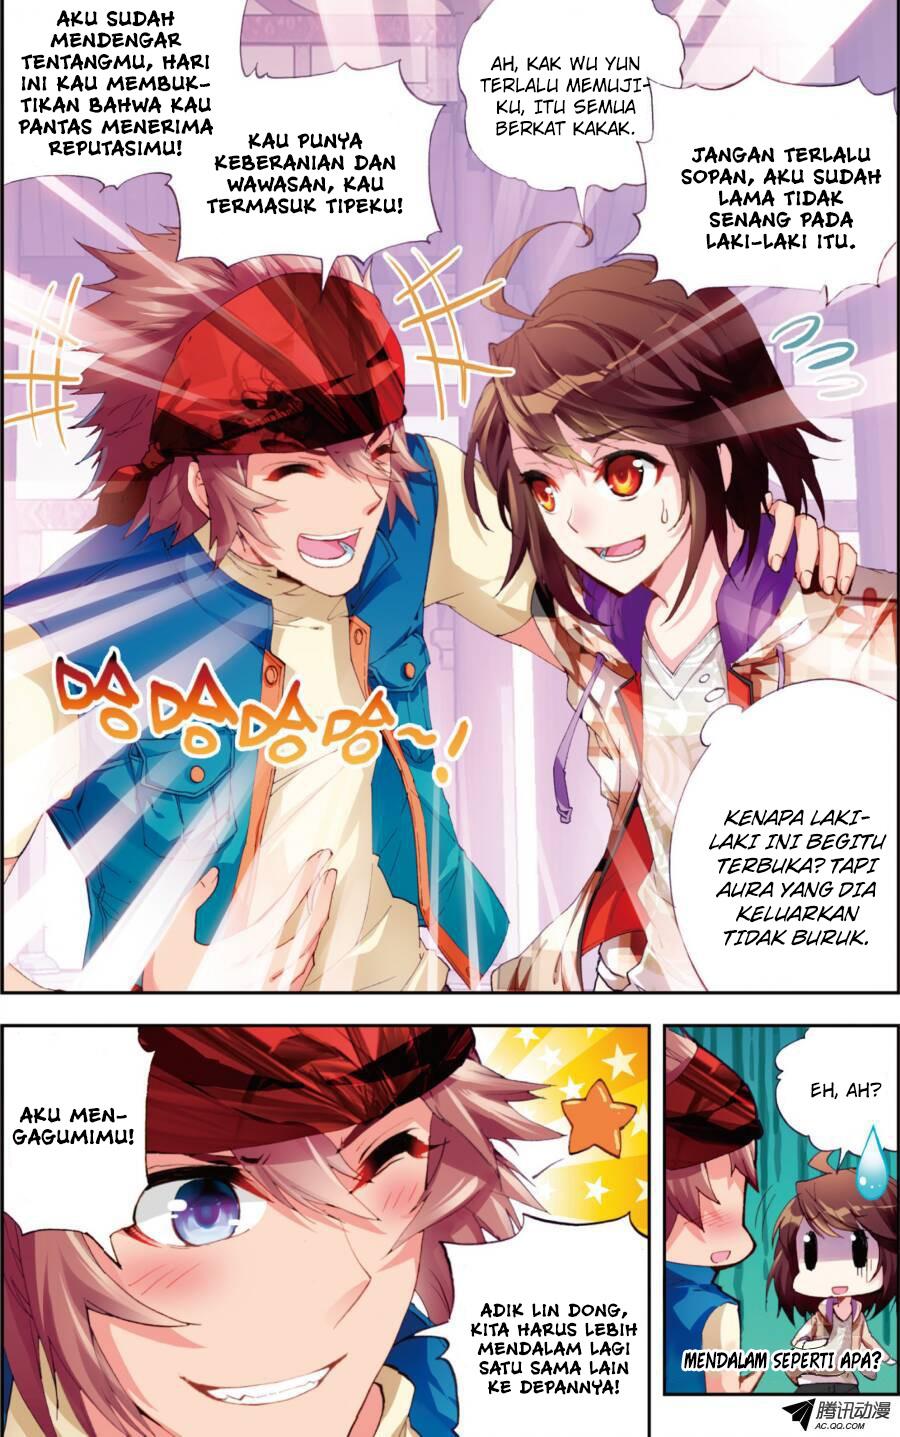 Baca Manga Wu Dong Qian Kun Chapter 15 Komik Station